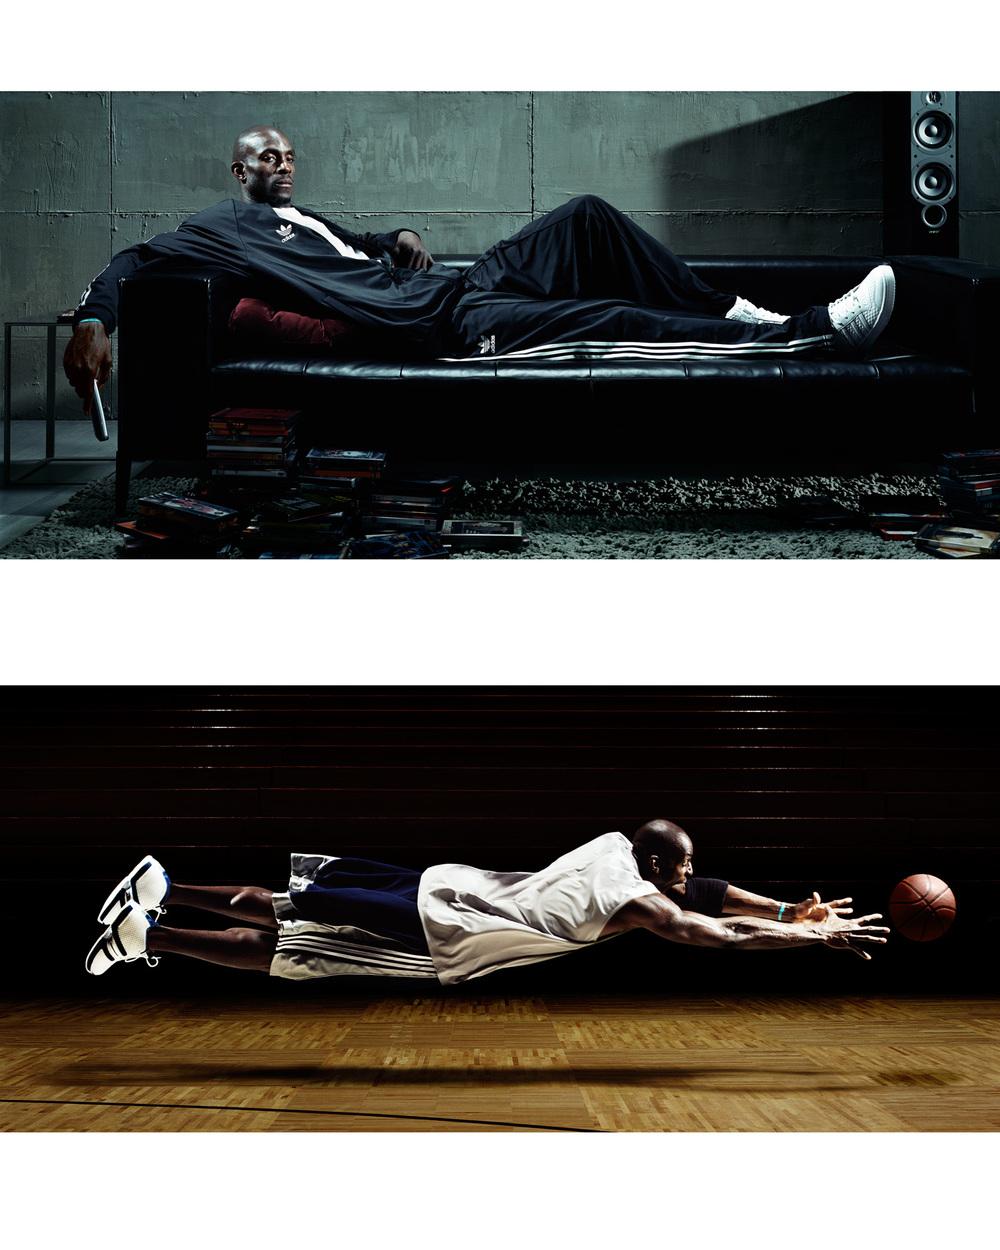 Kevin Garnett for Adidas - Los Angeles, CA